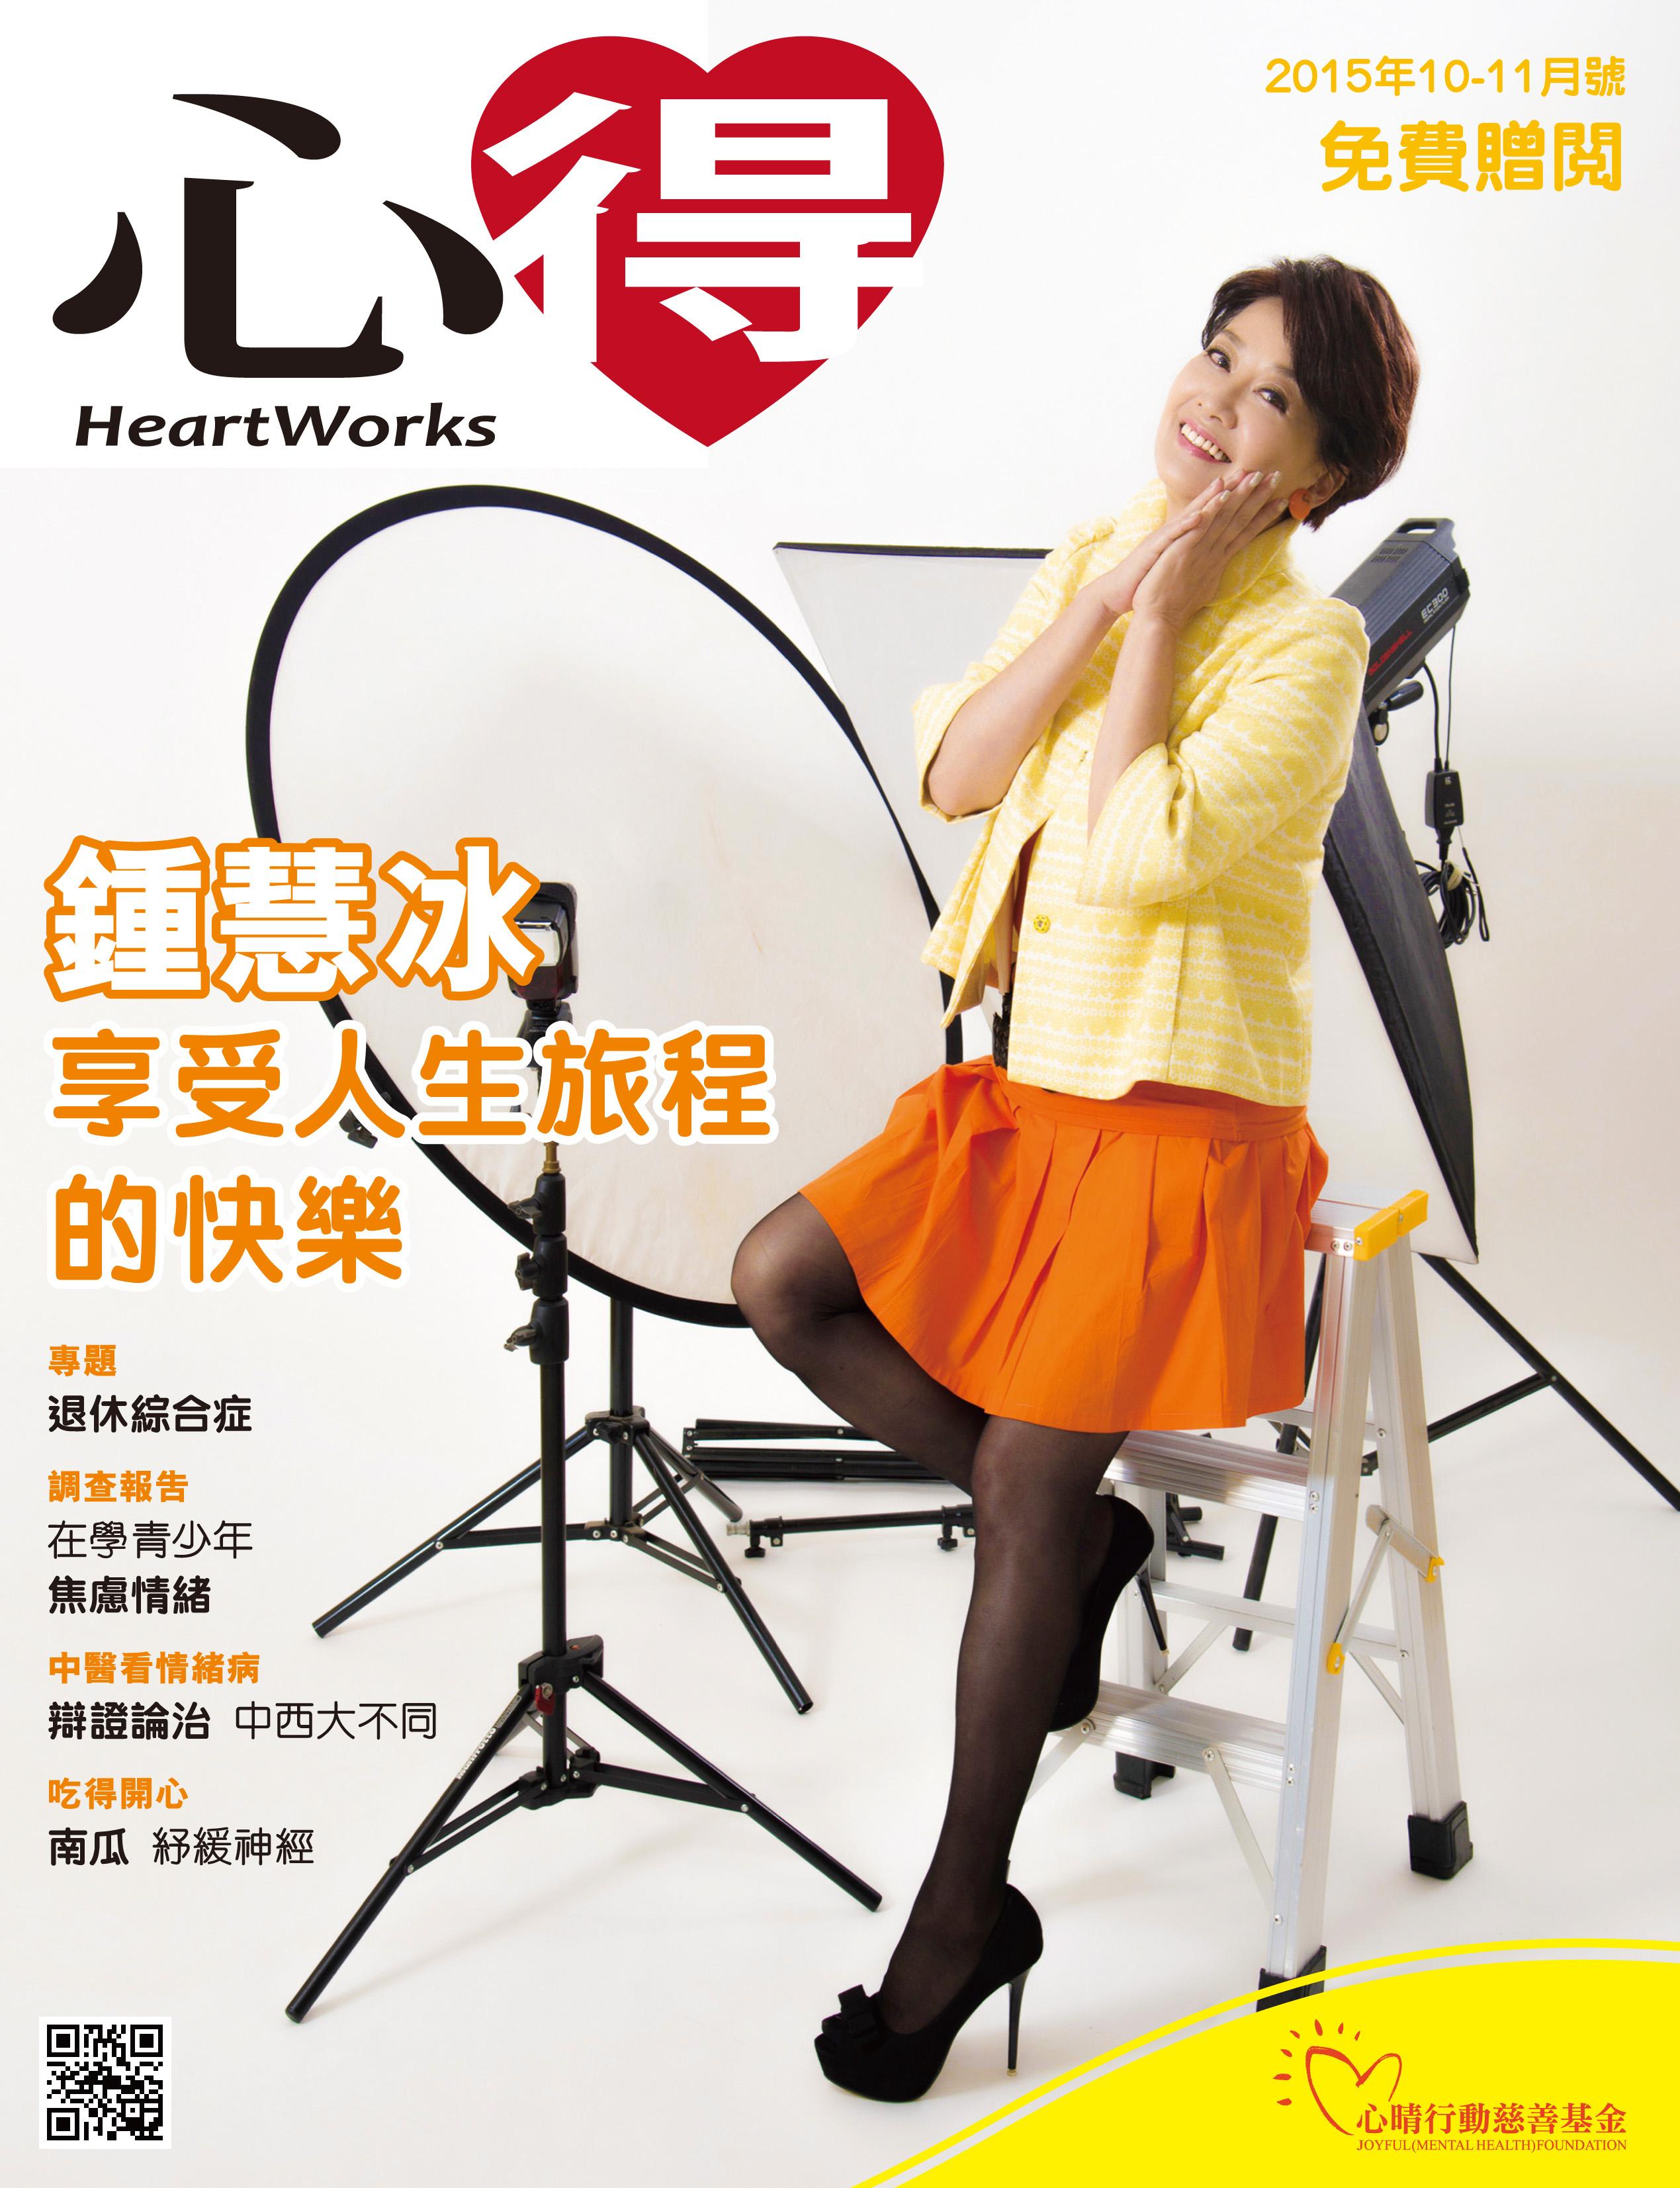 2015年10-11月號 《心得》雙月刊